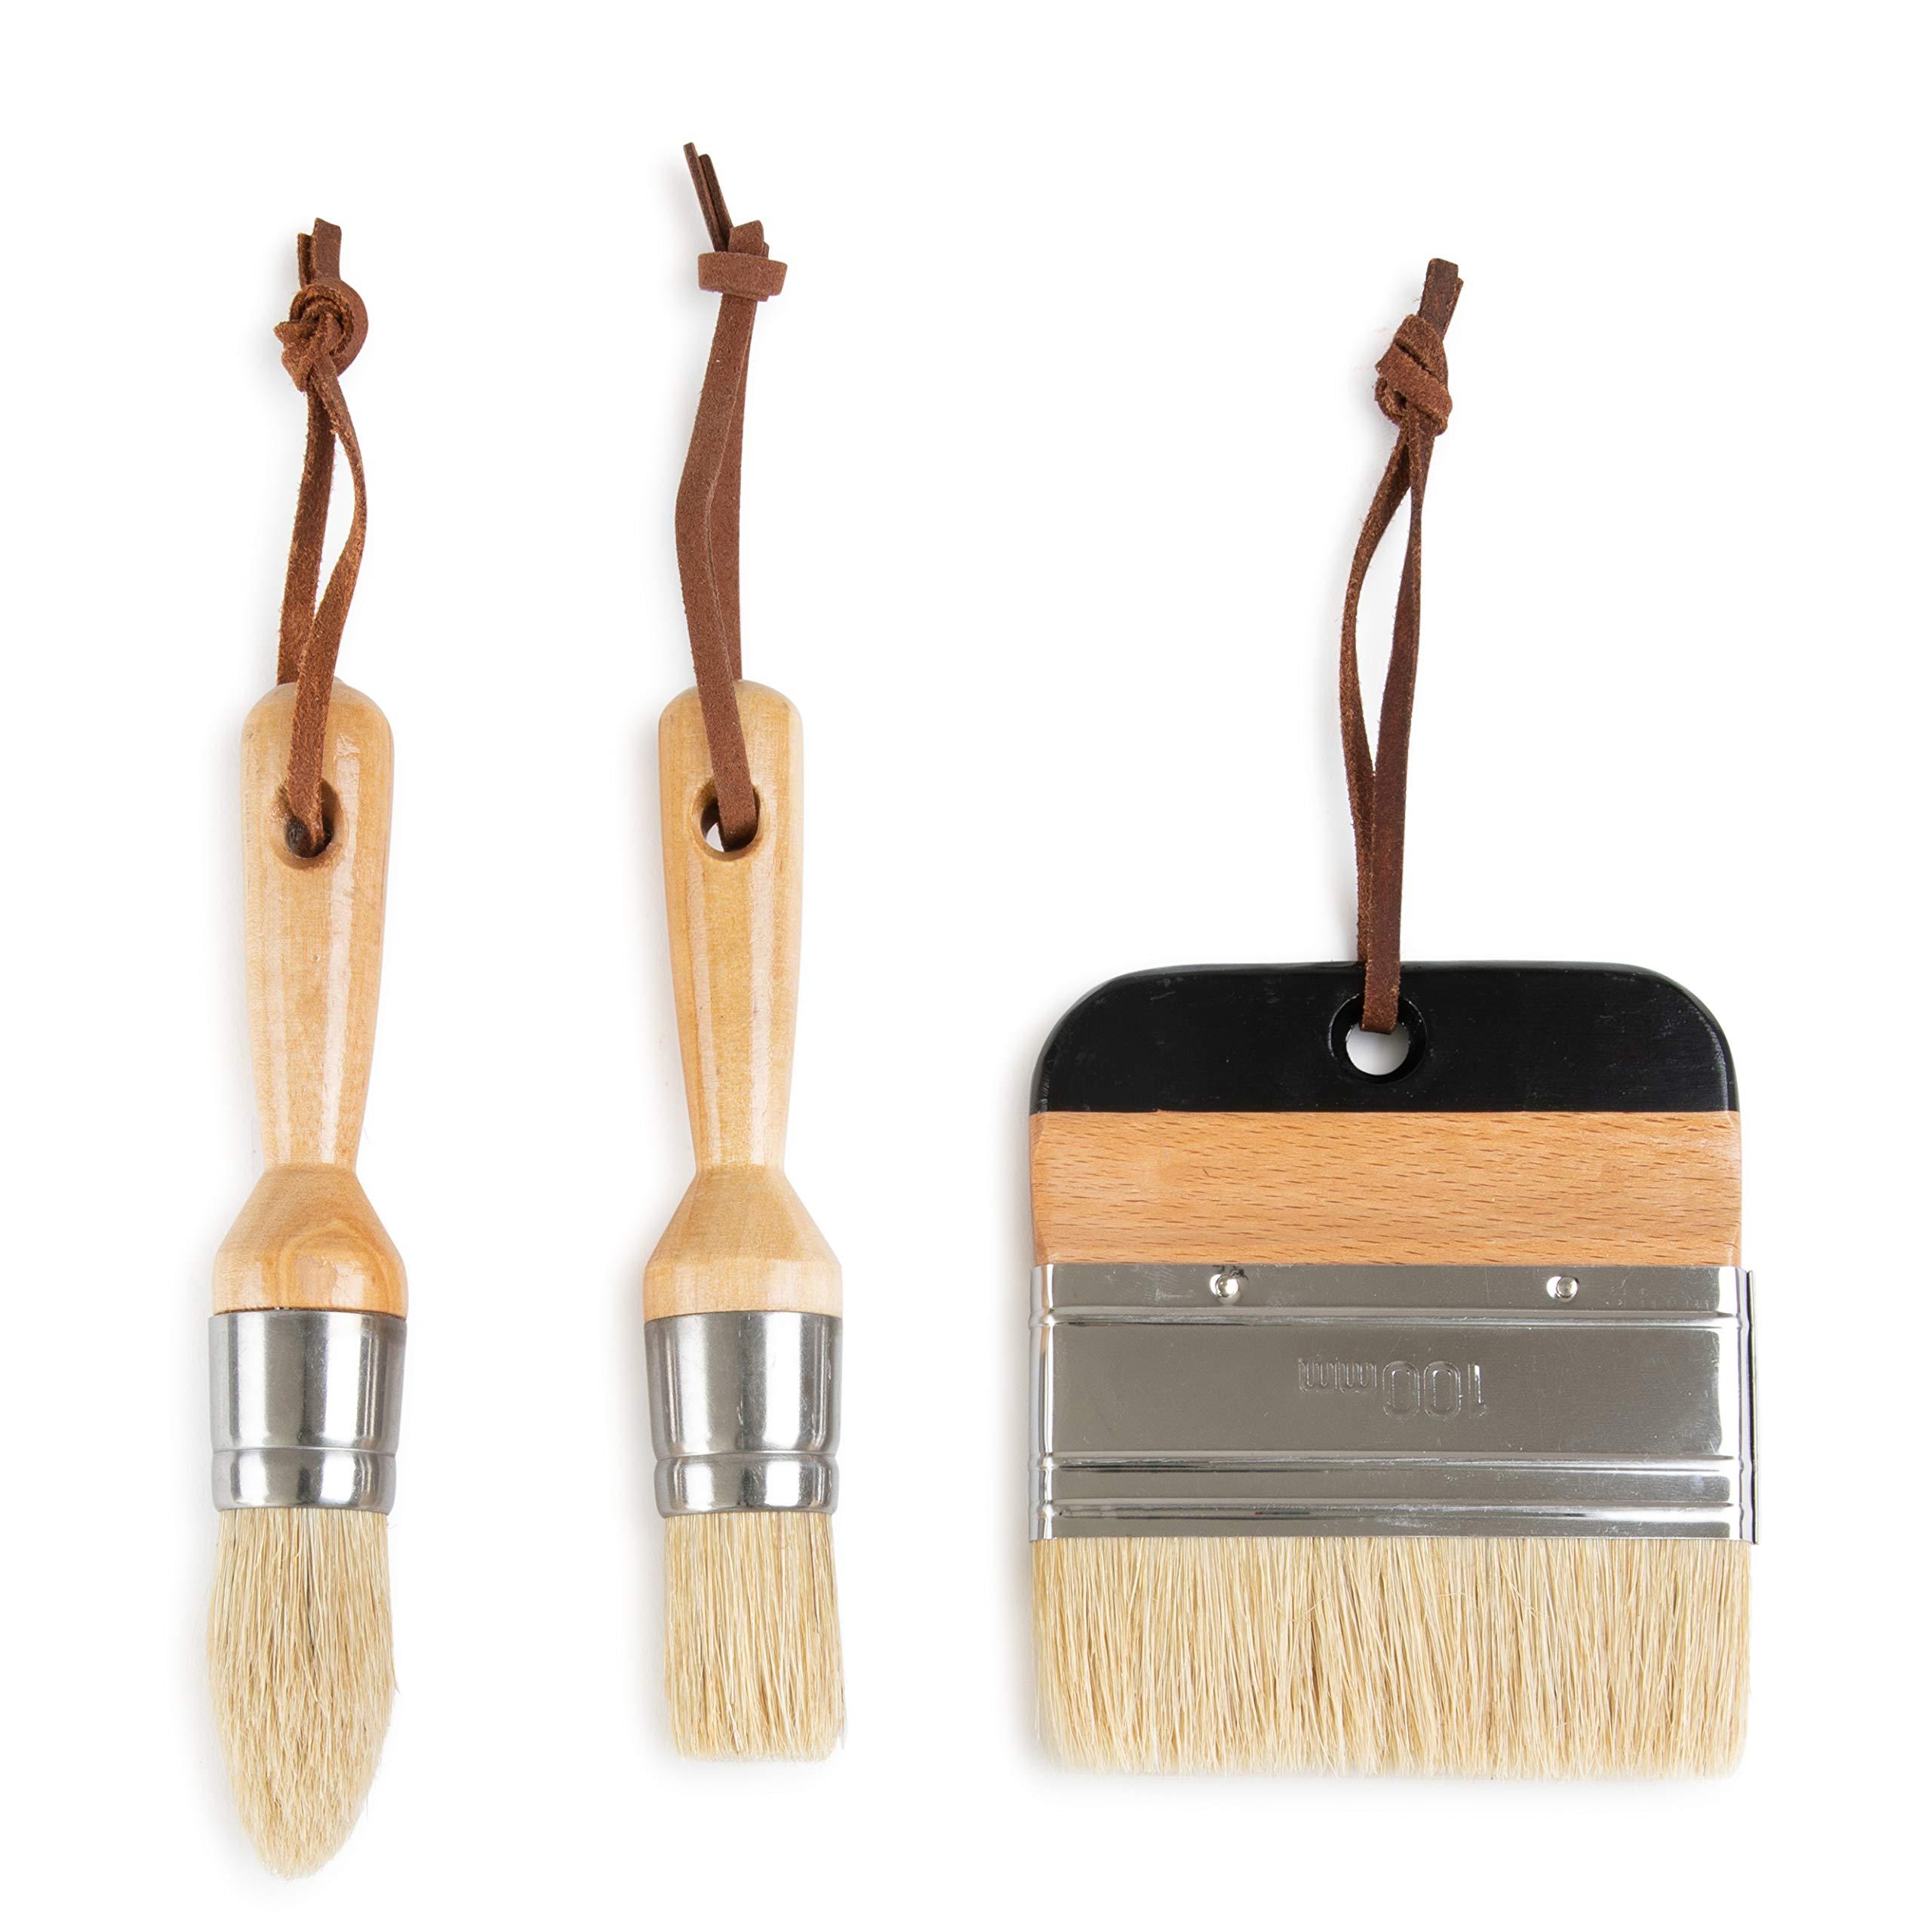 DIYARTZ Perfect Natural Bristles Durable